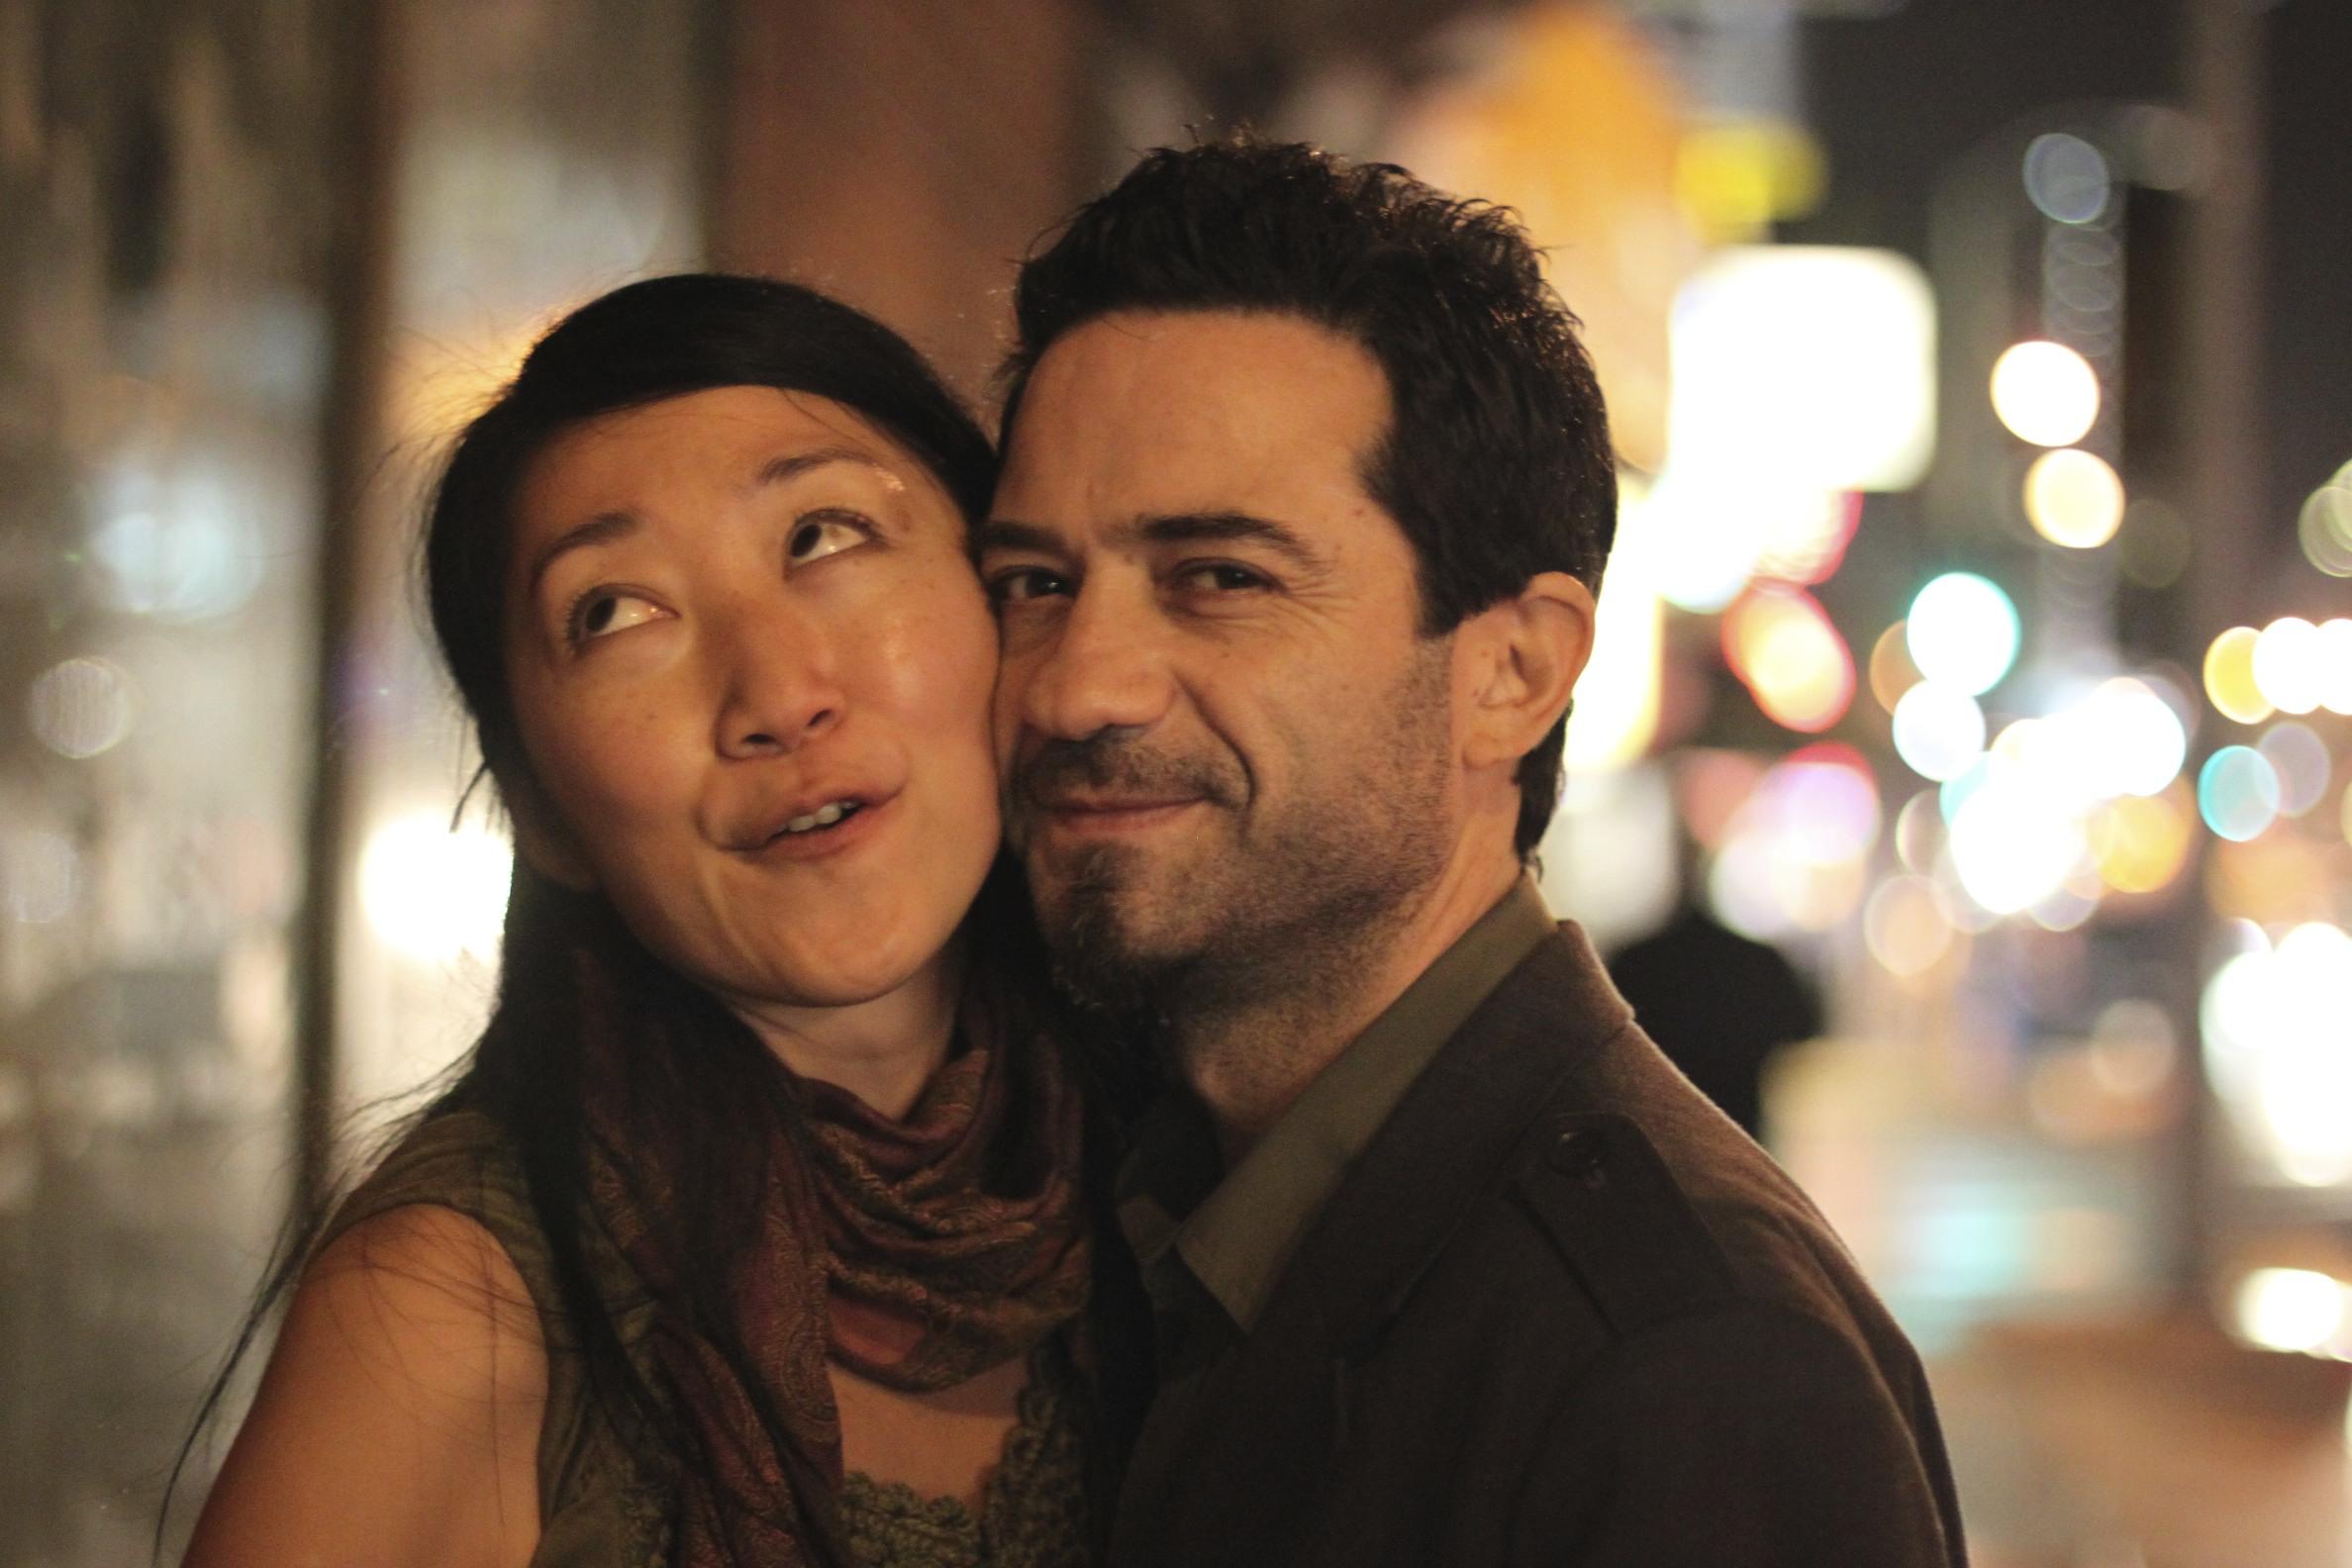 Shihomi & Pata